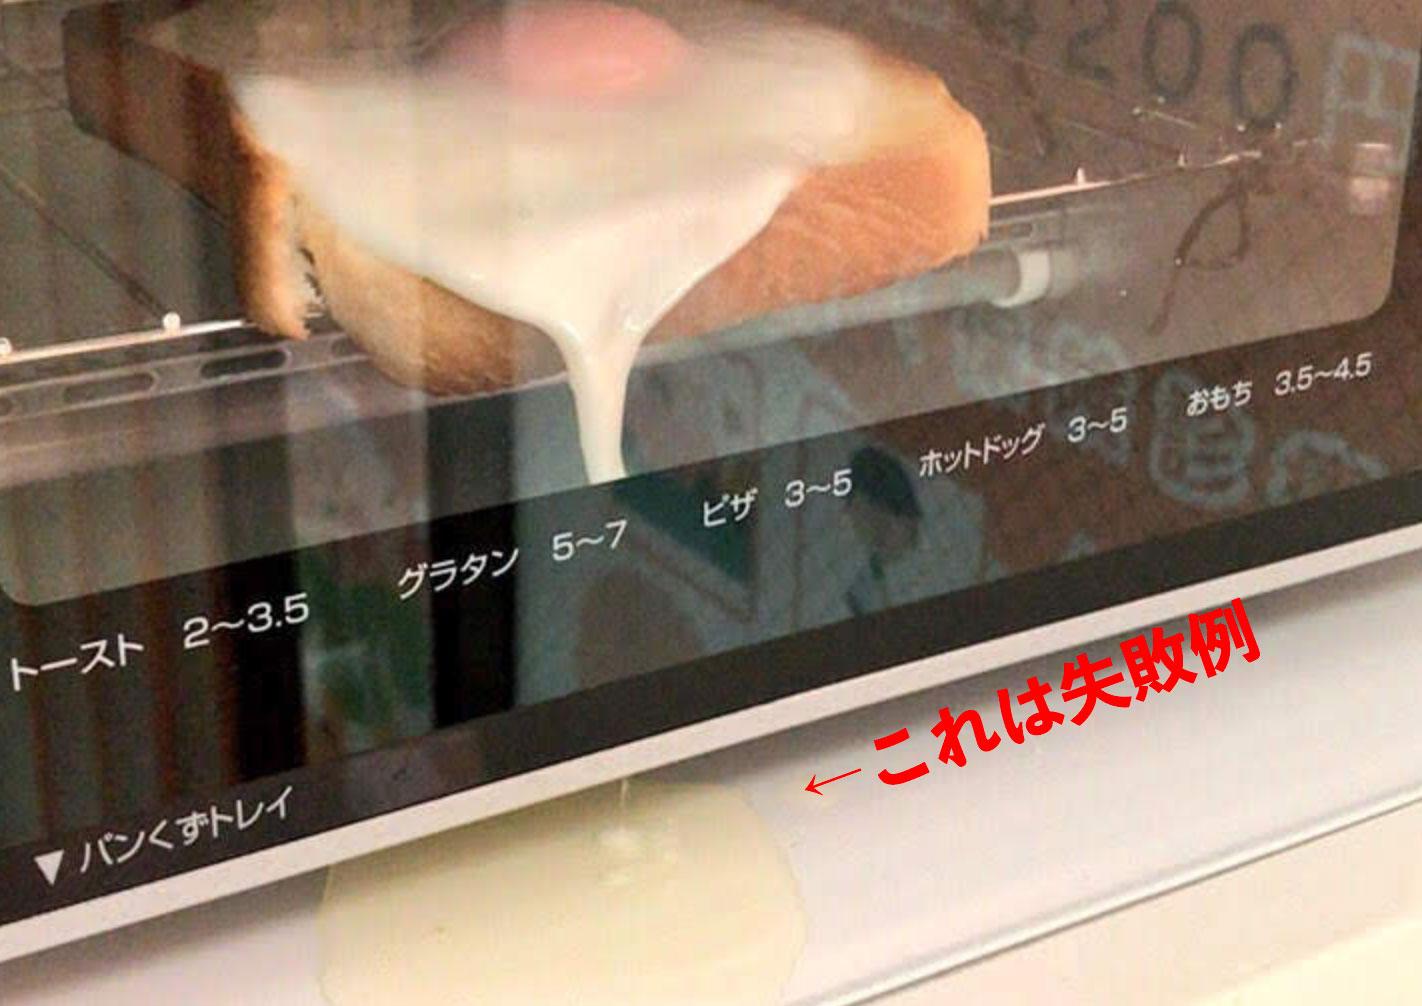 【簡単時短】オーブントースターだけで作る目玉焼きトーストの作り方 糖質量28g前後